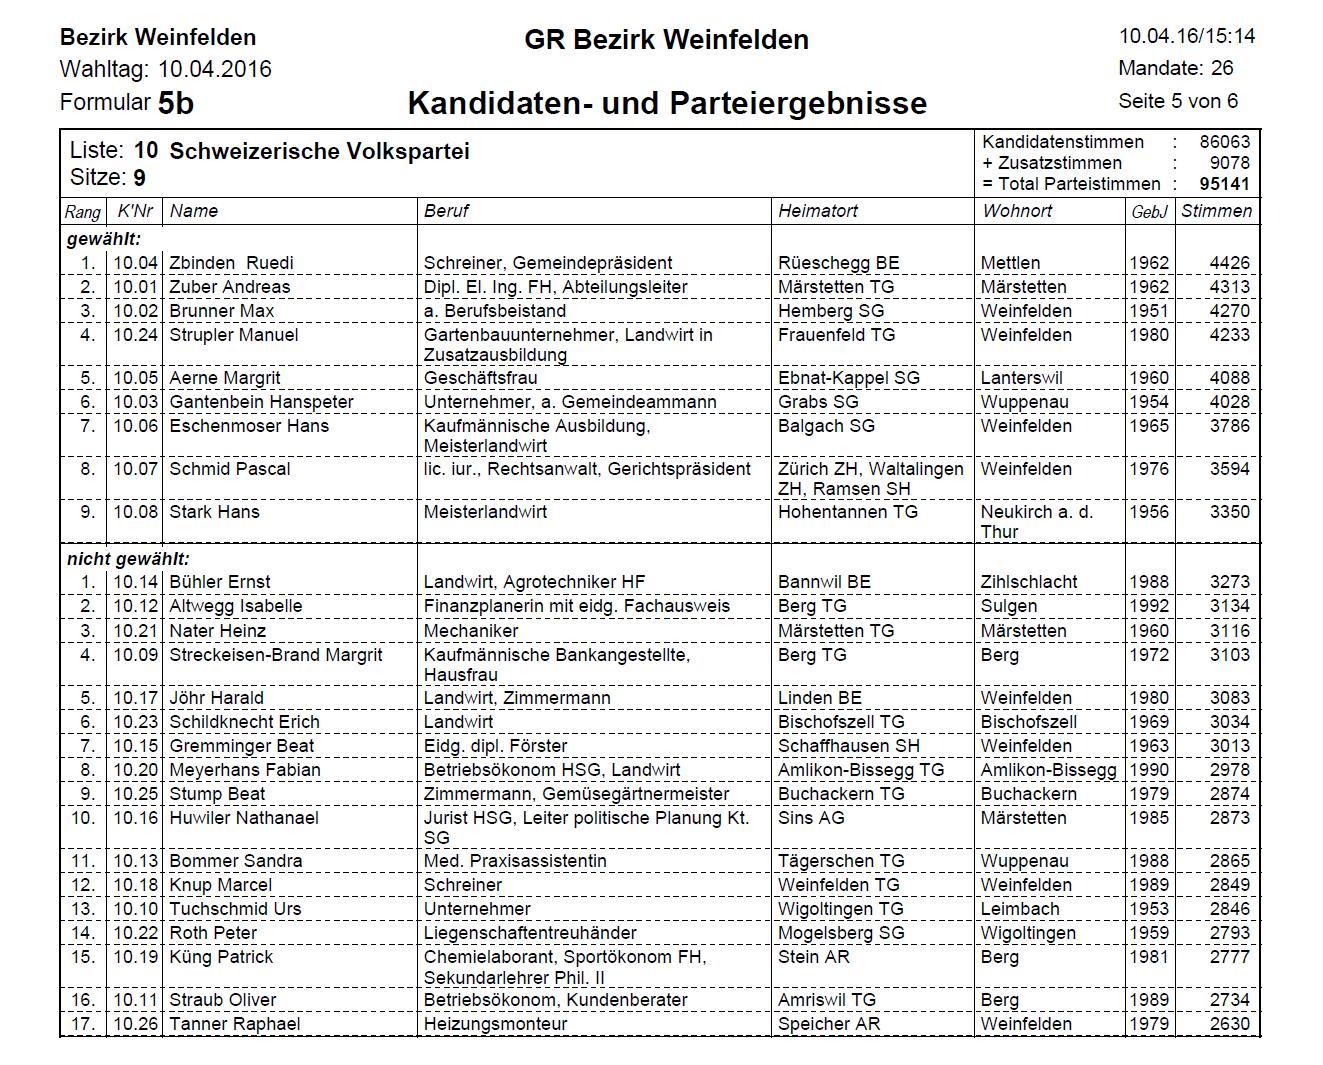 GR Bezirk Weinfelden Liste 10 Schweizerische Volkspartei